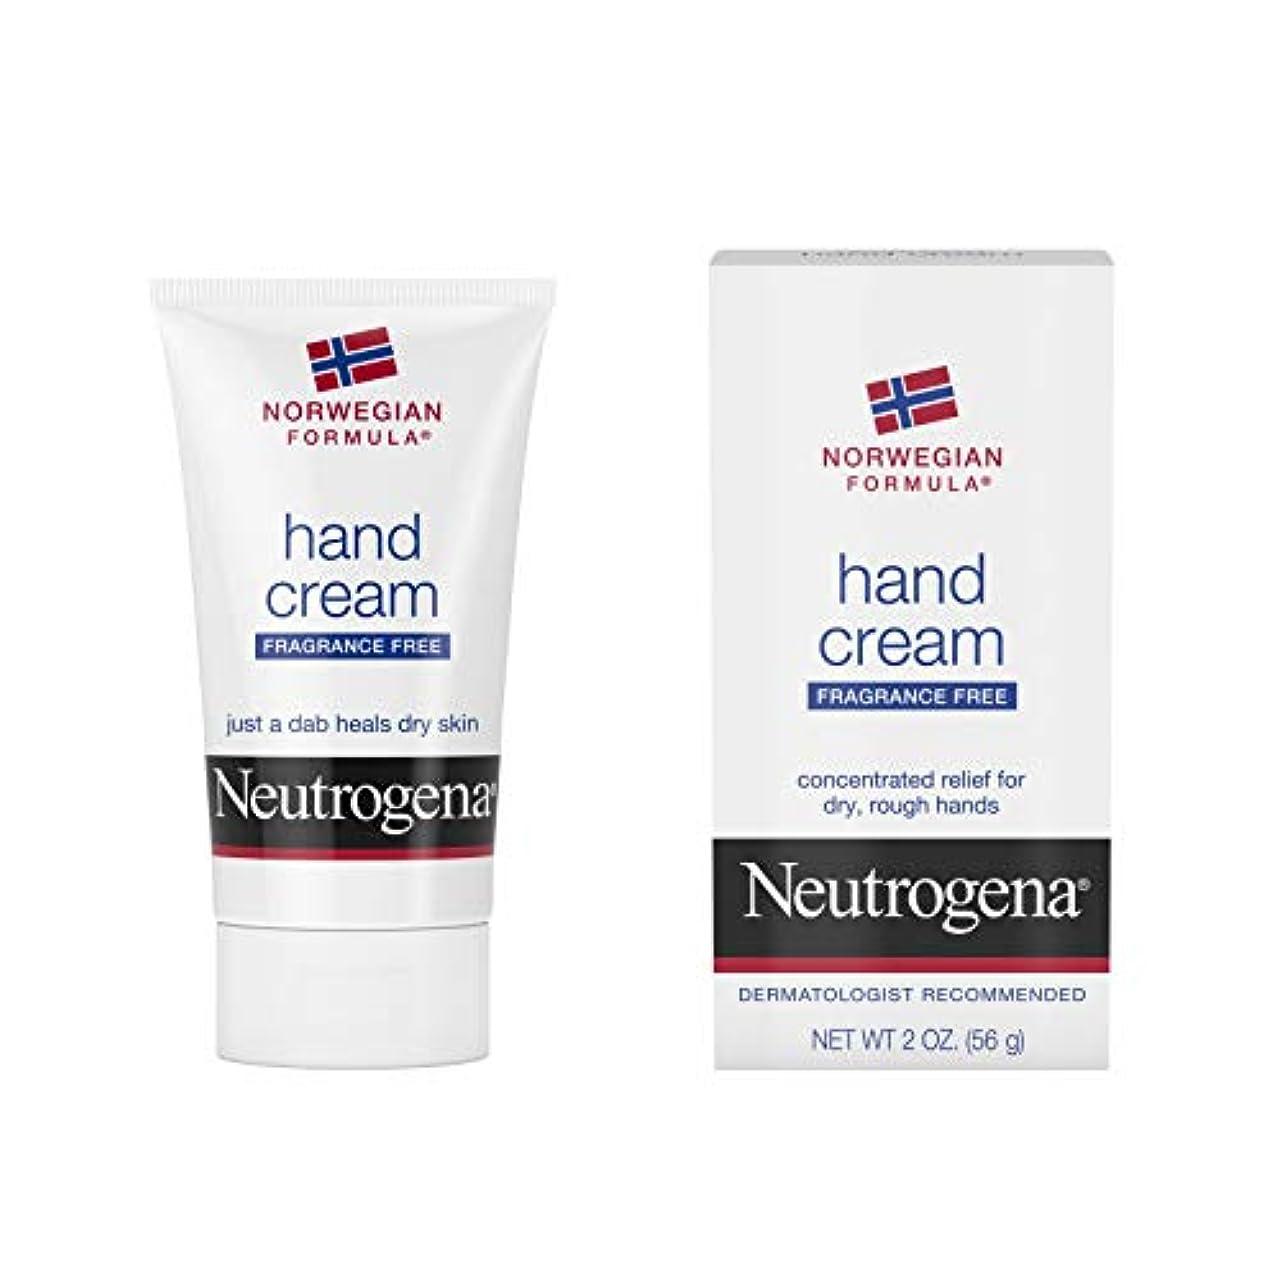 有罪年次先史時代のNeutrogena Norwegian Formula Hand Cream Fragrance-Free 60 ml (並行輸入品)